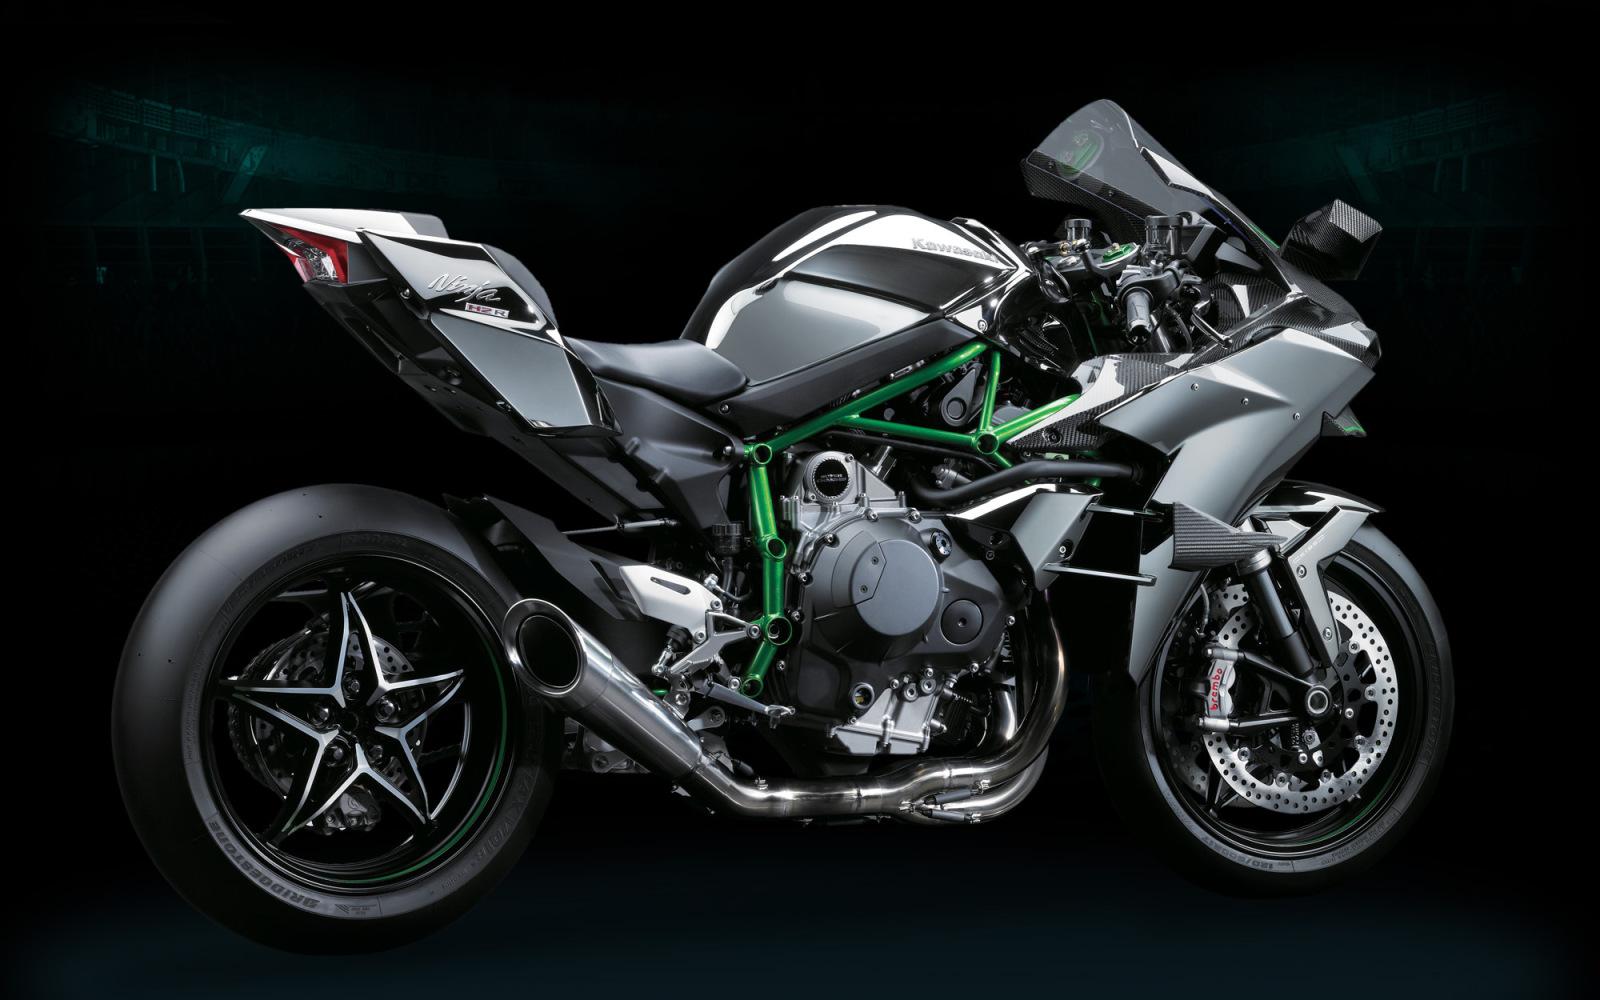 1000 - Motas que marcaram o motociclismo! - Página 2 2ptwbwx